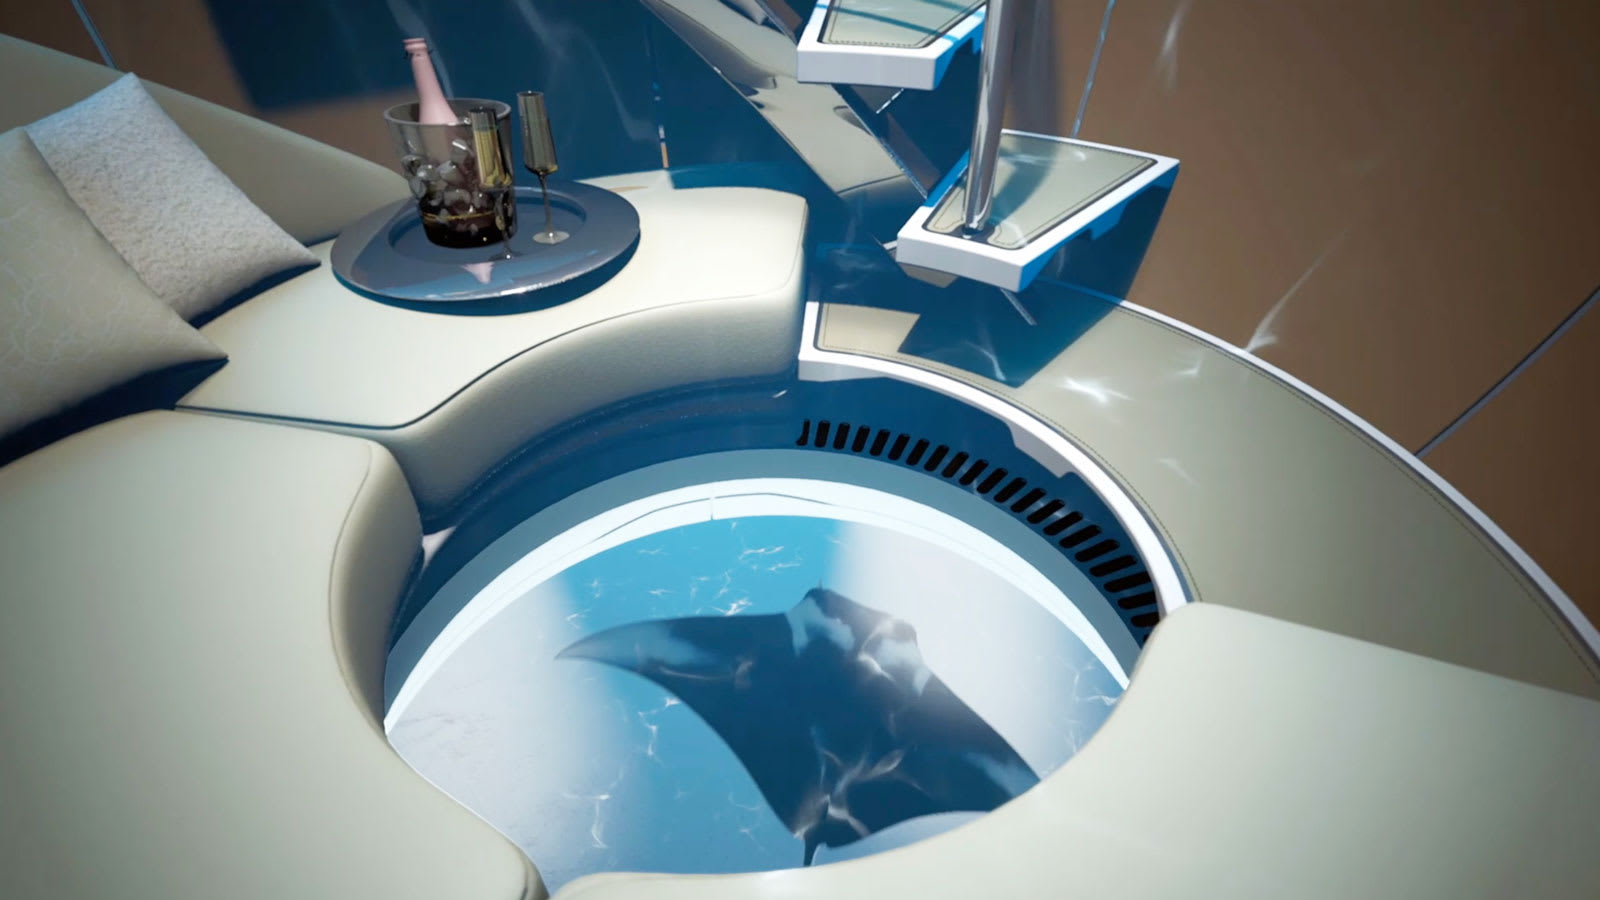 الكشف عن مفهوم جديد لنقل ركاب اليخوت الفائقة تحت الماء بدقائق